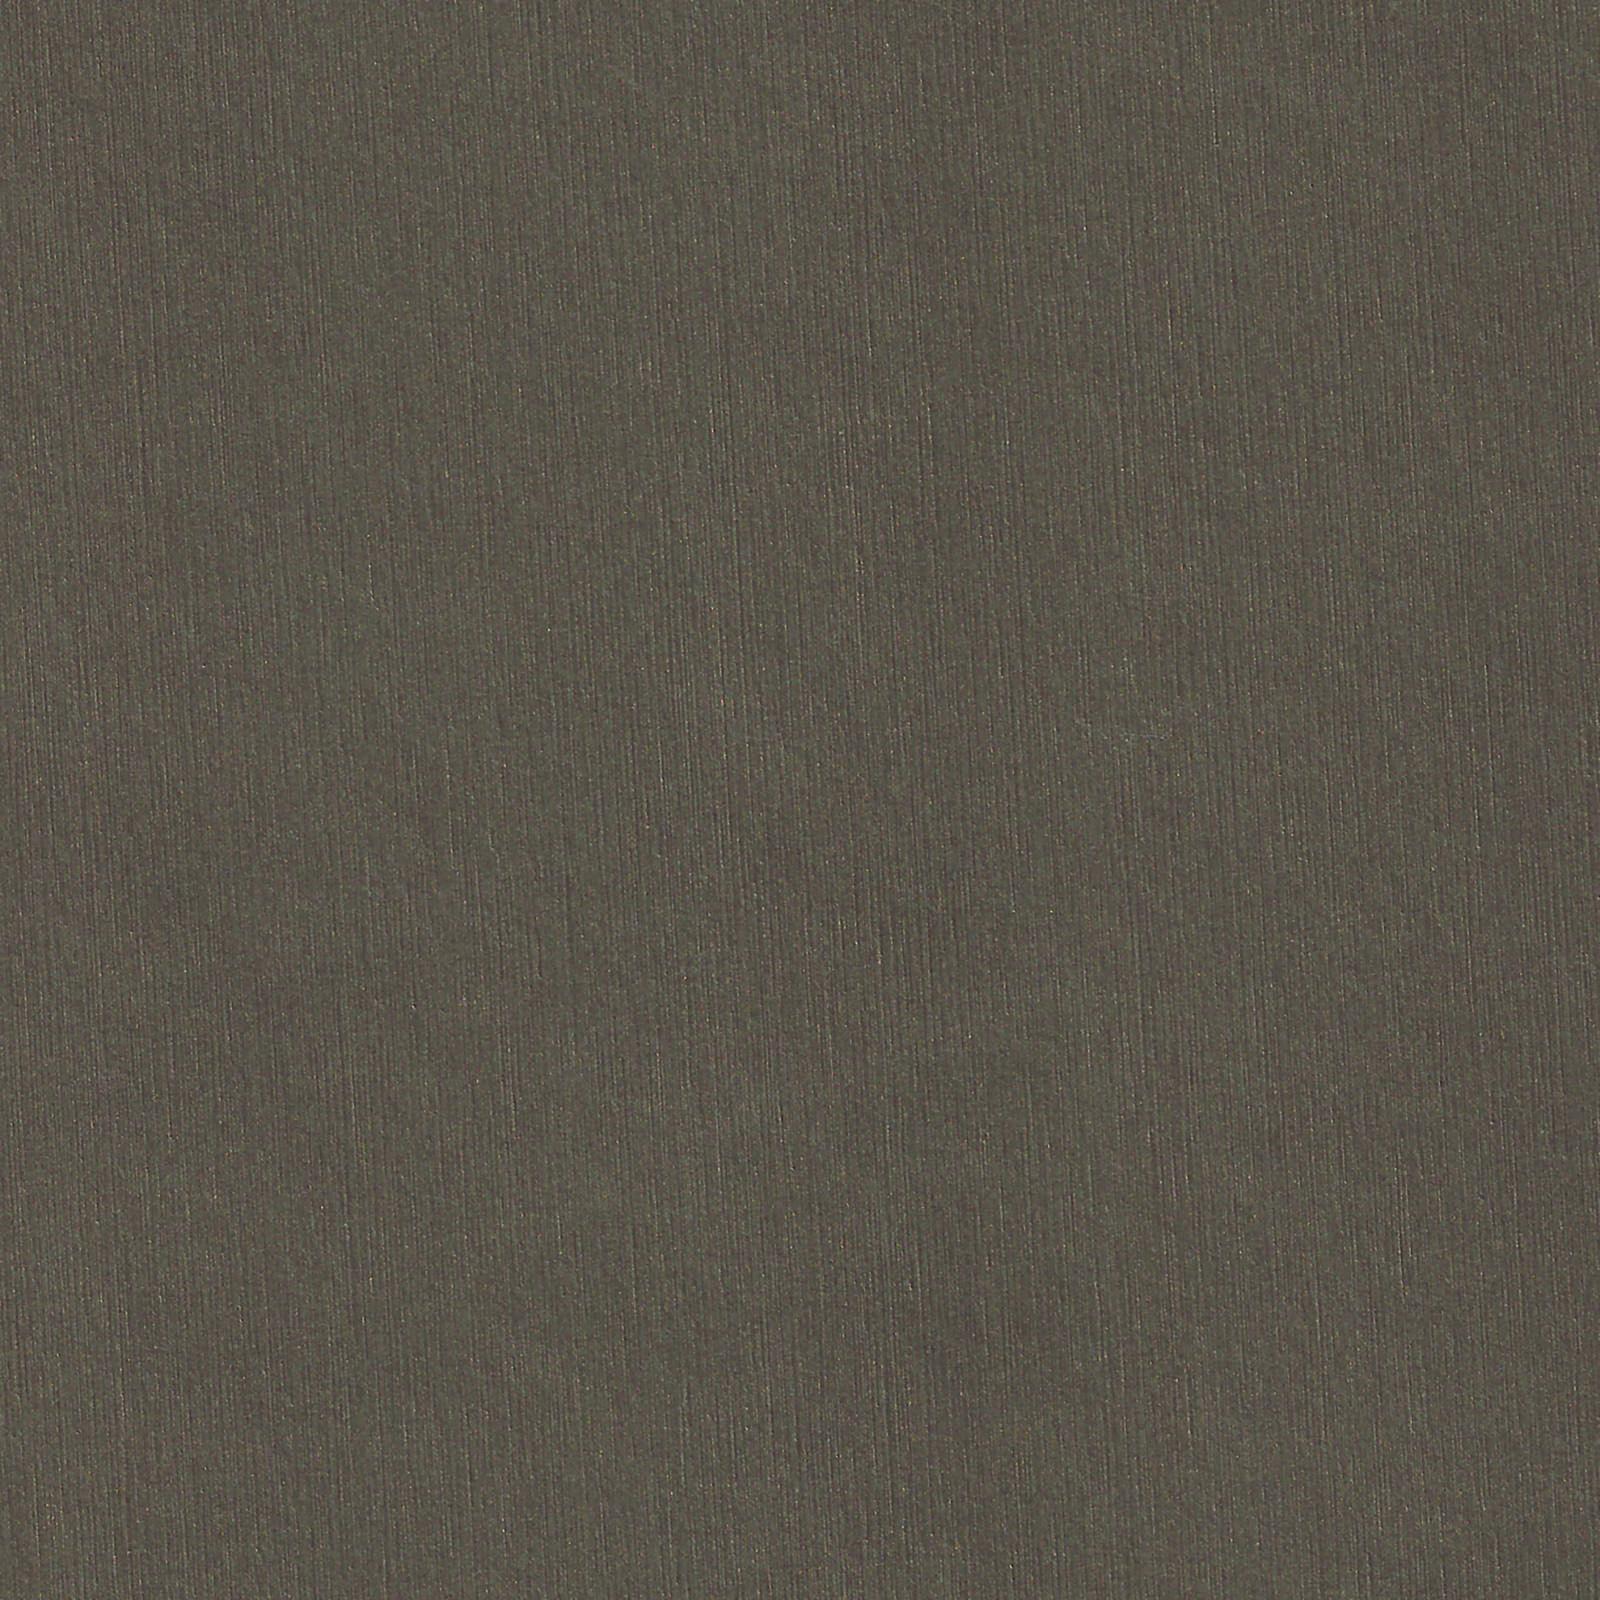 Reflex - REF-7806 - Taupe